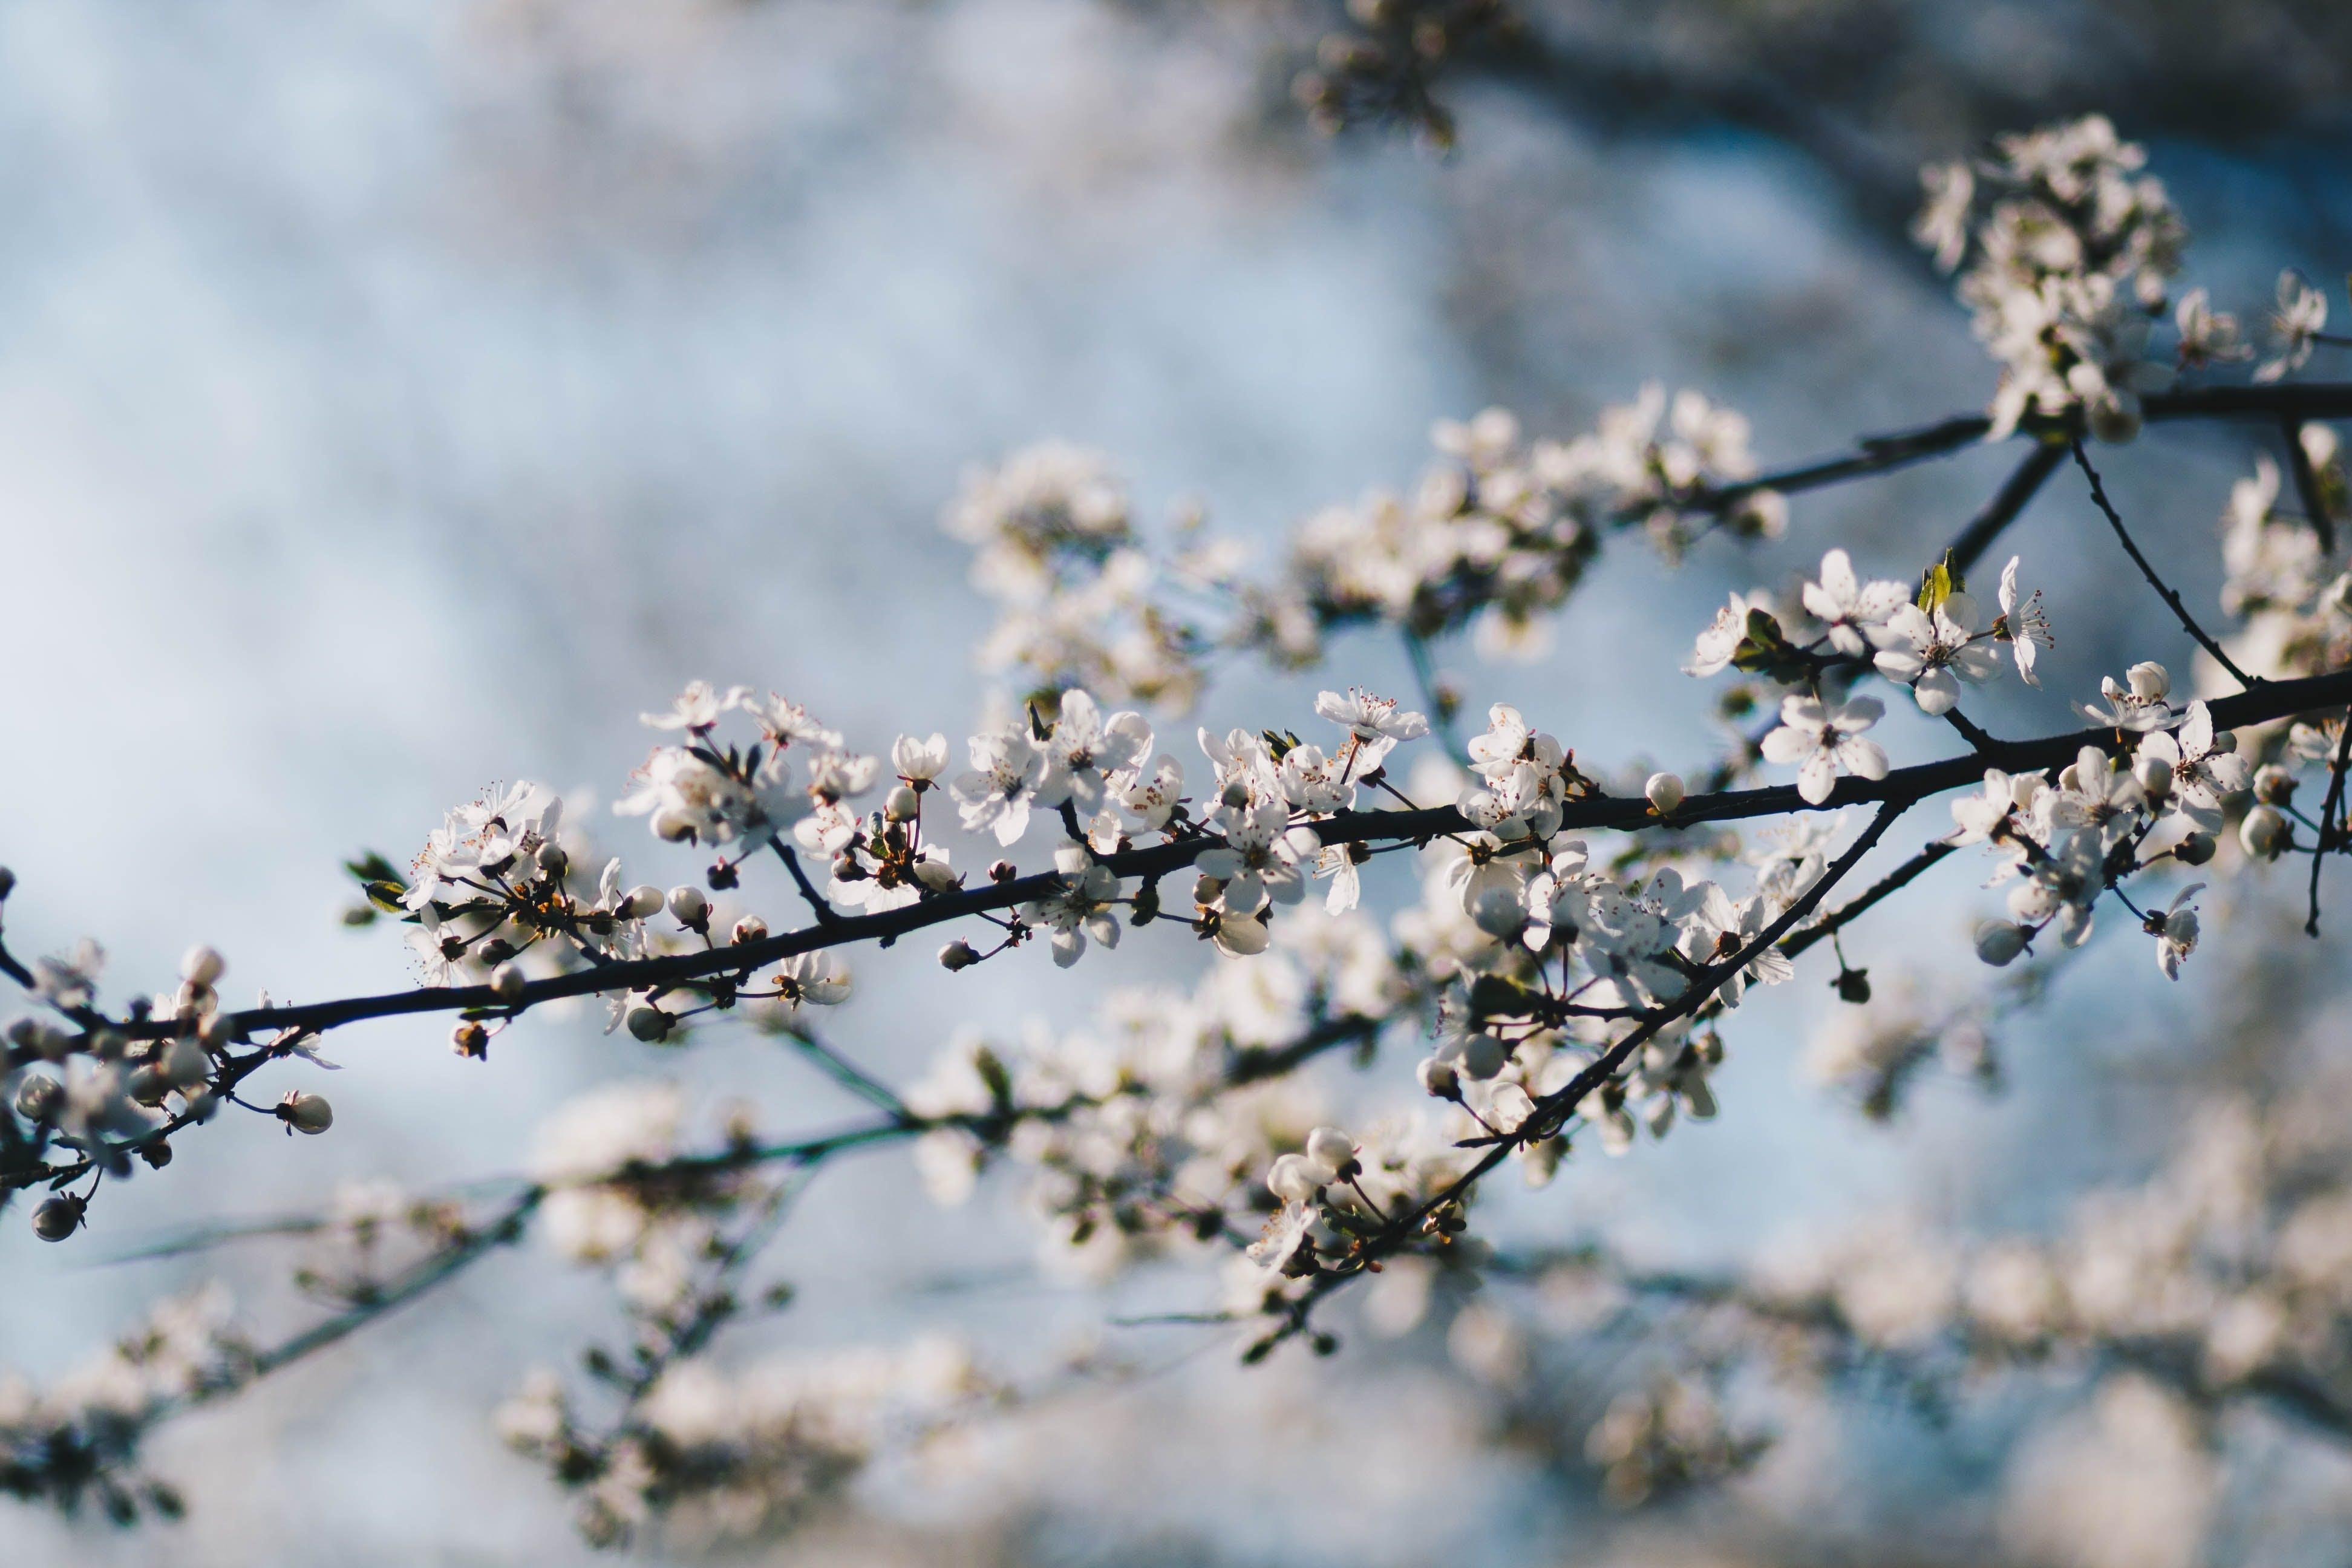 Immagine gratuita di bellissimo, concentrarsi, crescita, delicato